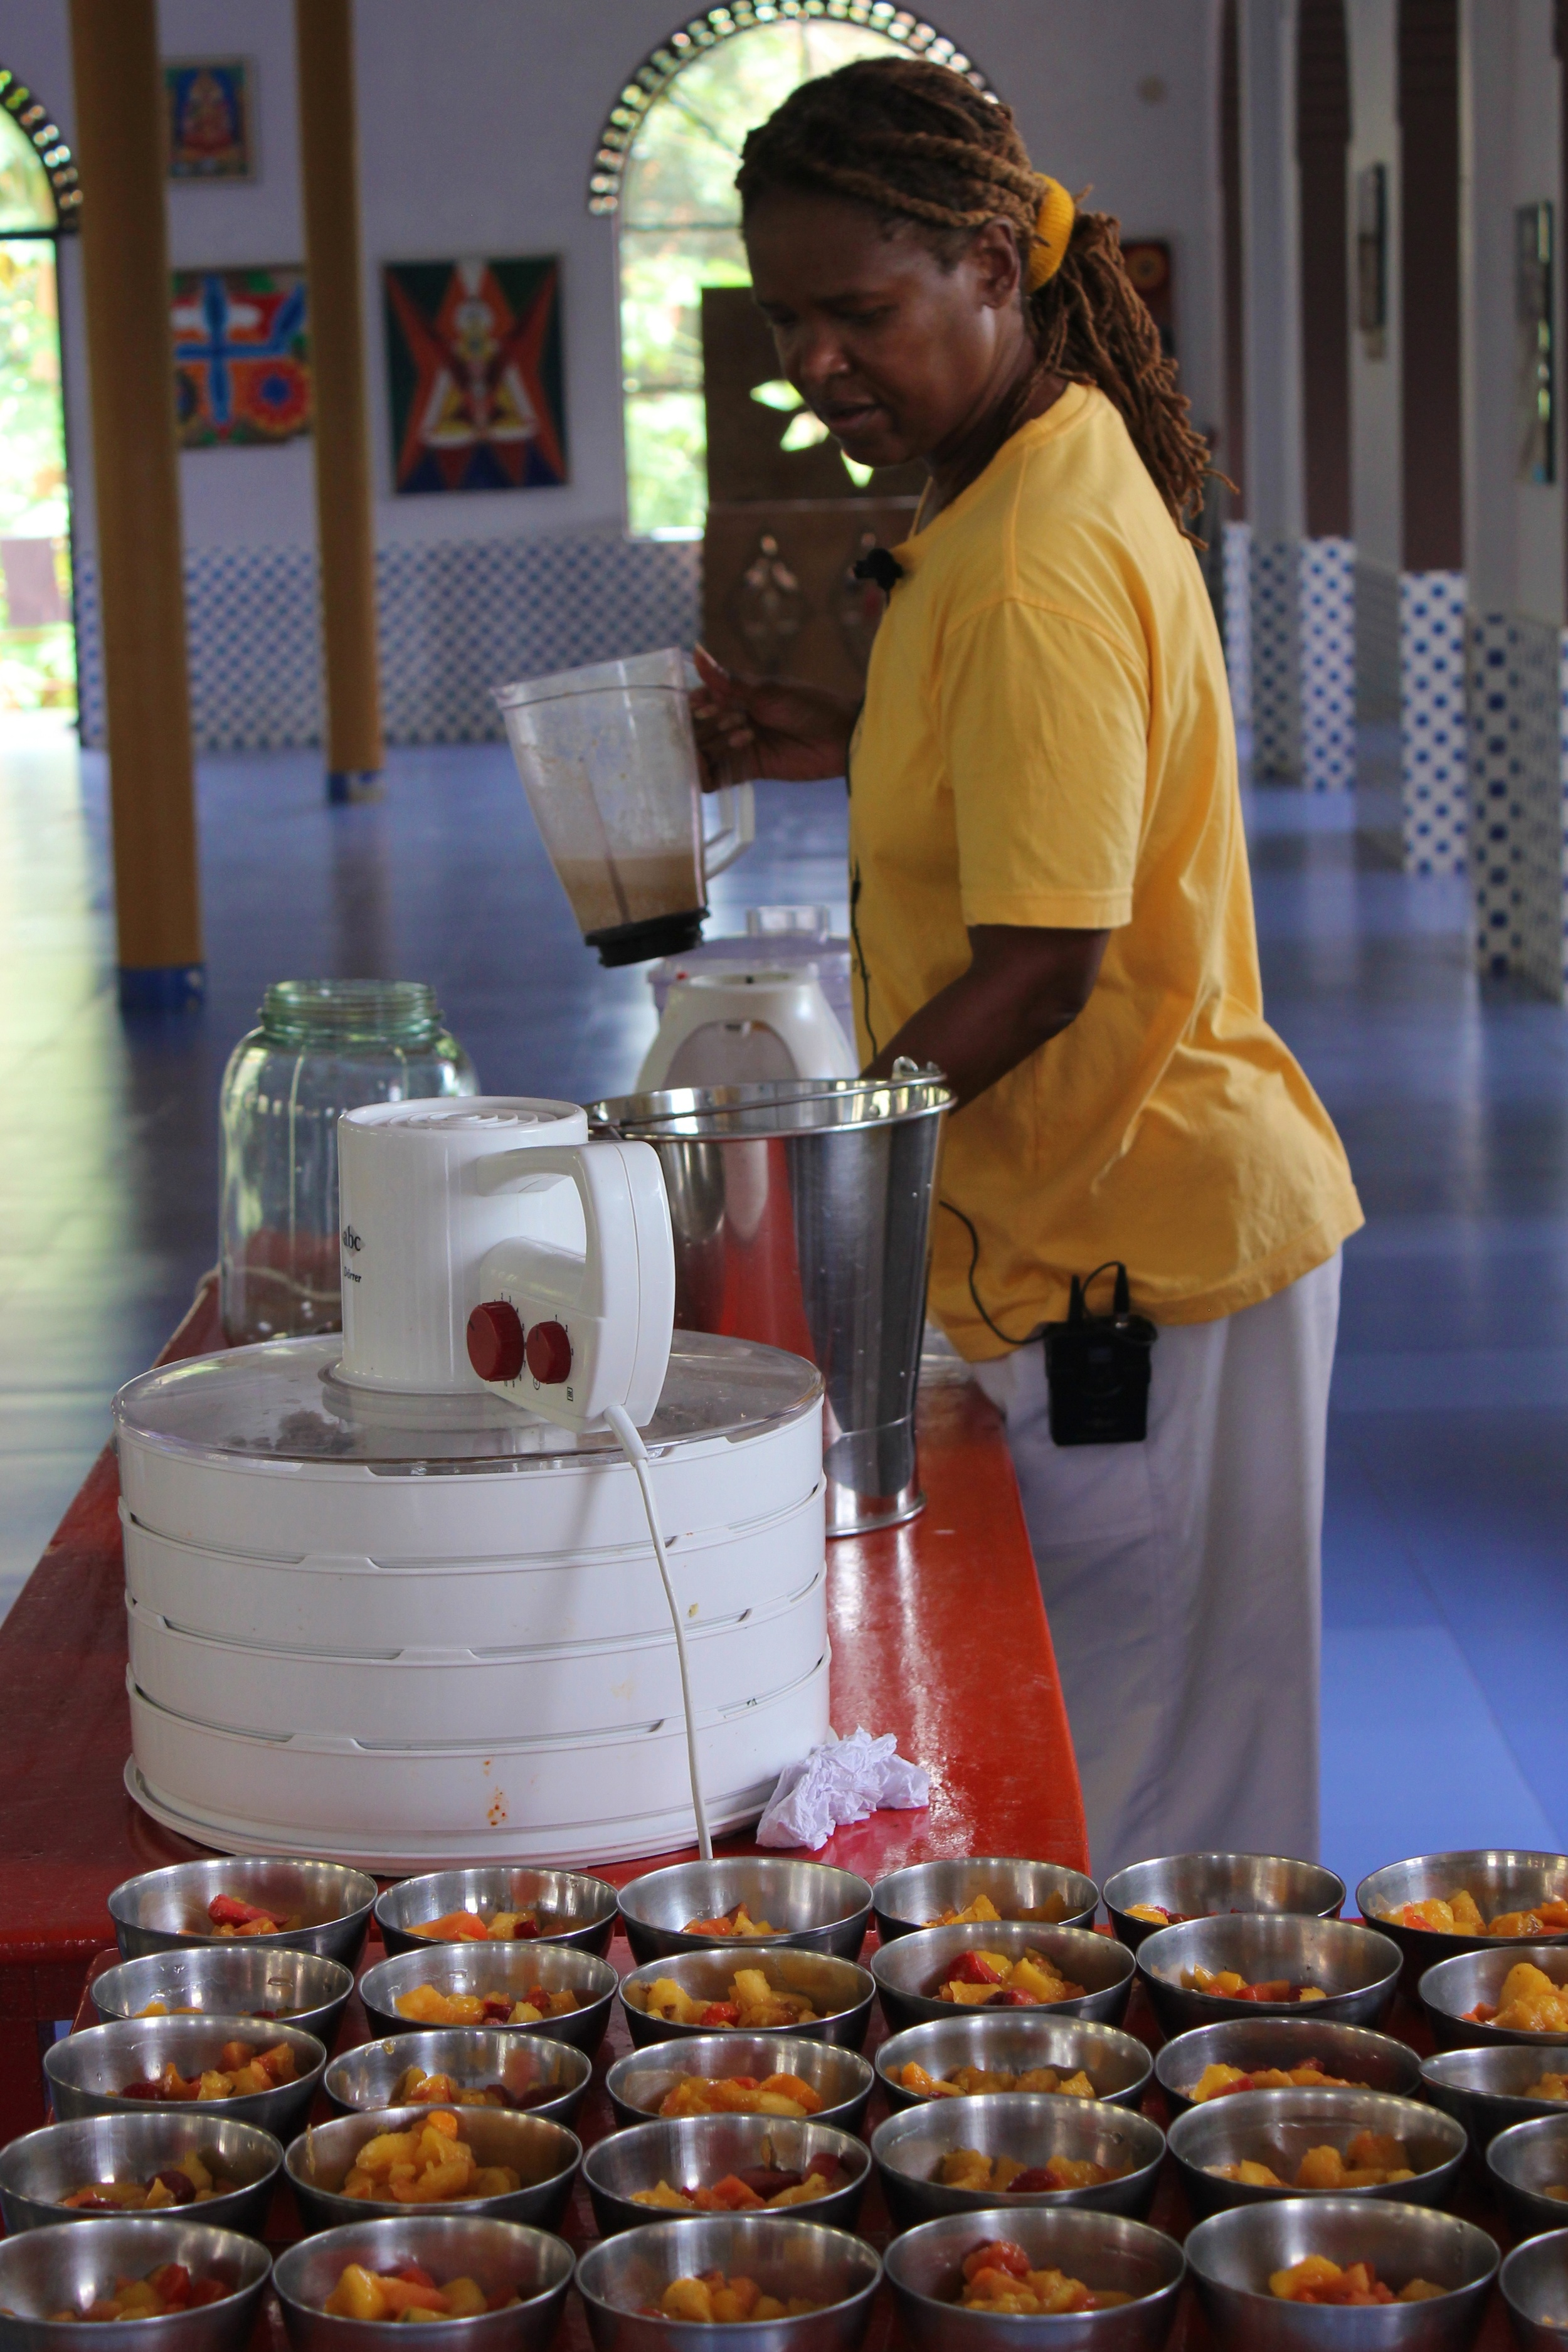 Proper diet-food prep demo with lakita and murali - kerela, india